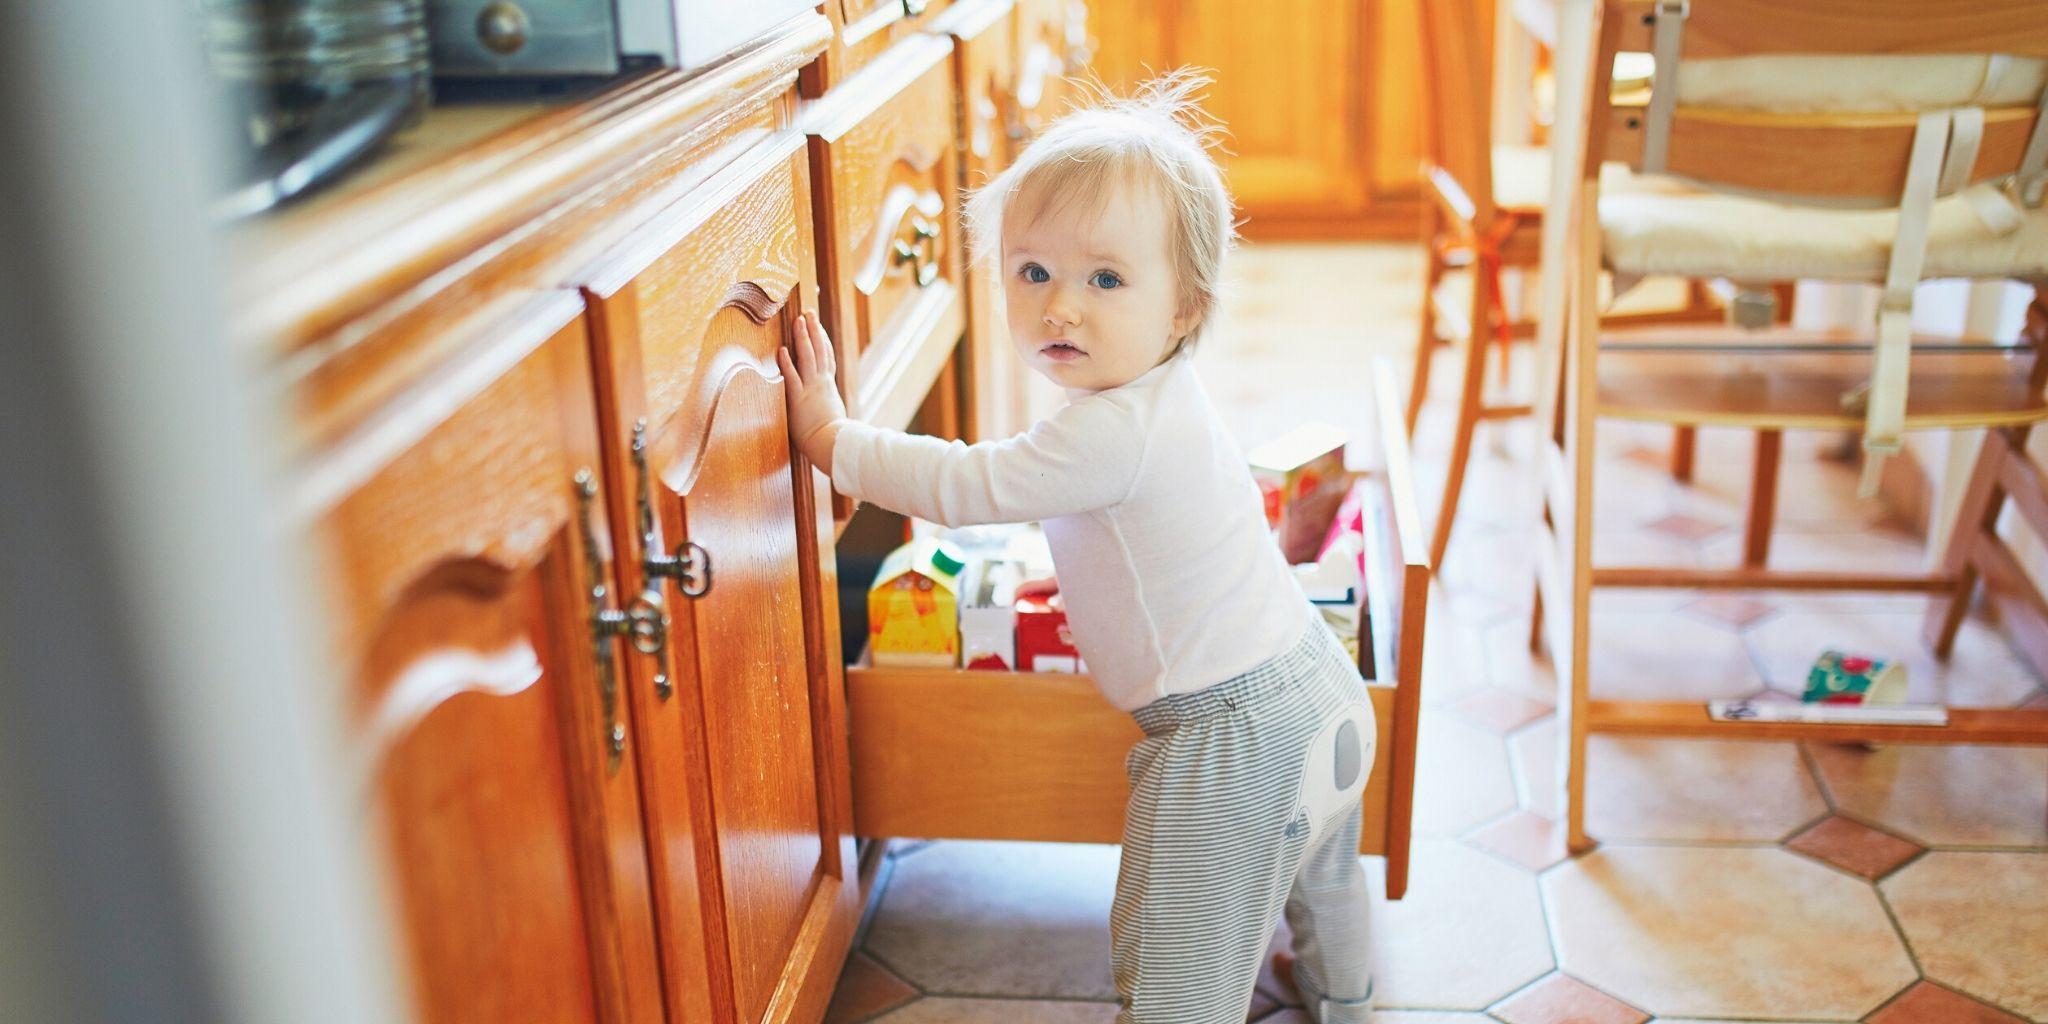 Kontrolný zoznam bezpečného domu: Ako zaistiť bezpečnosť dieťaťa